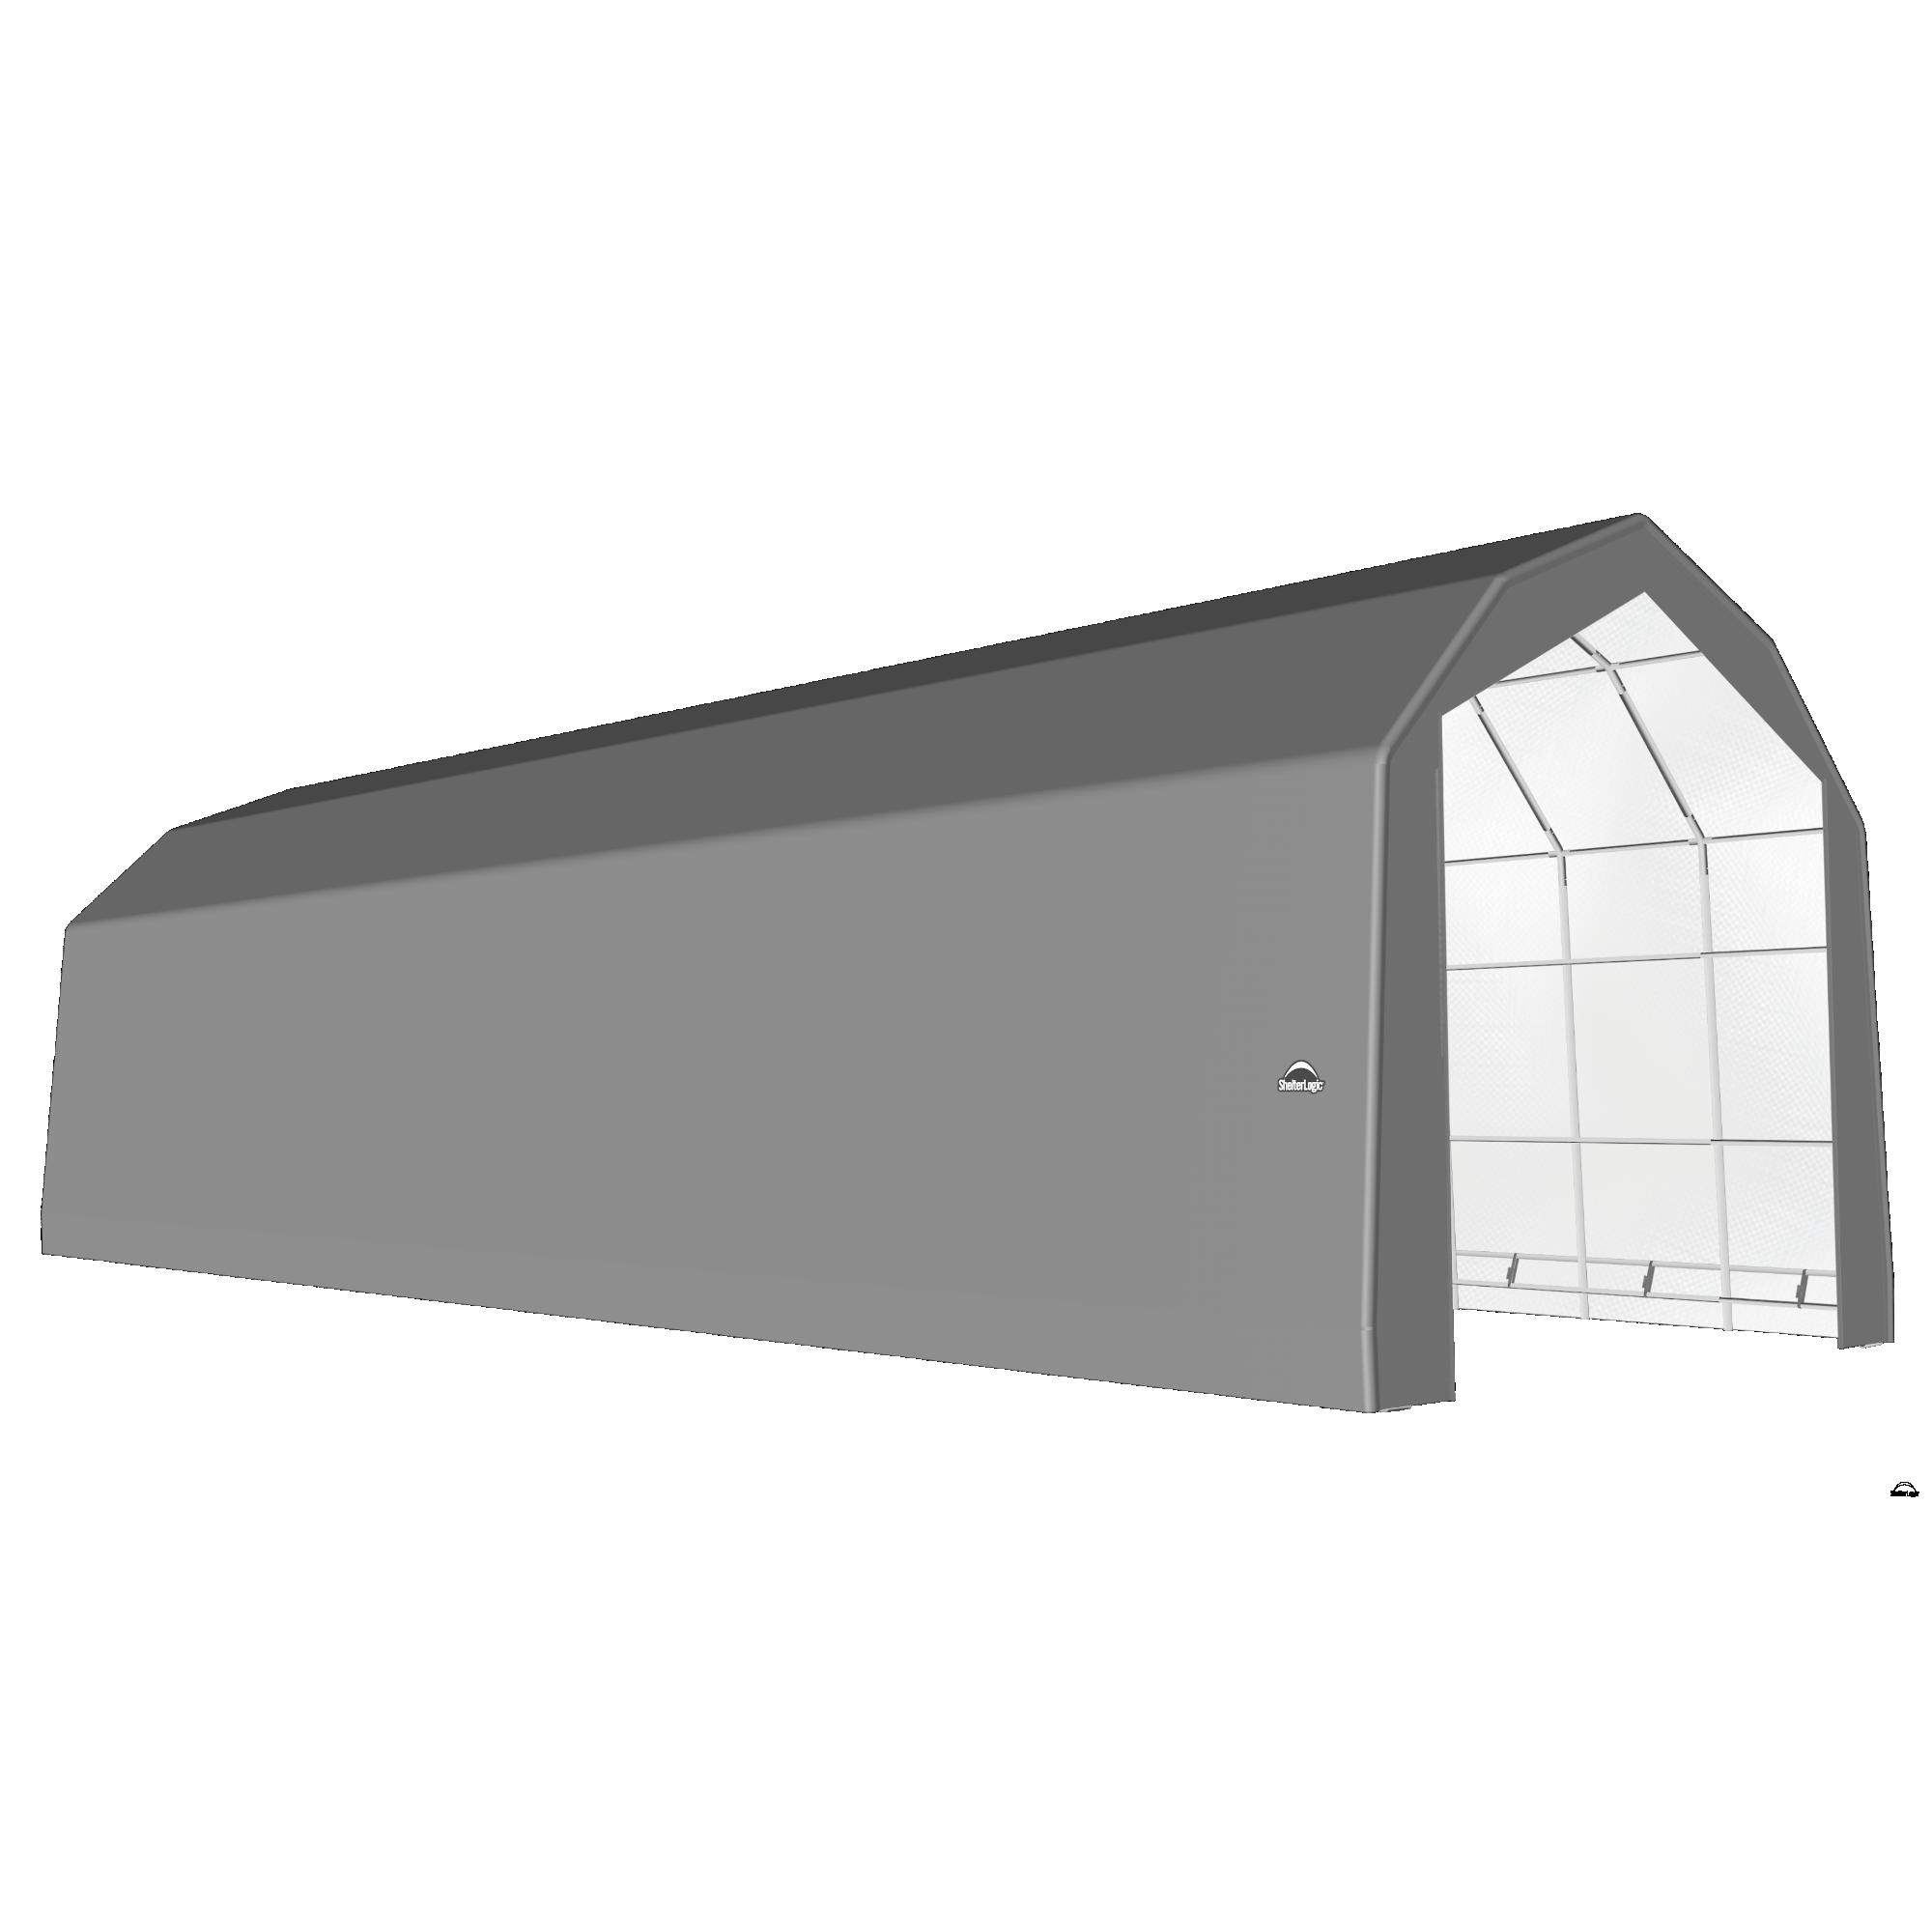 SP Barn 20X56X18 Gray 14 oz PE Shelter